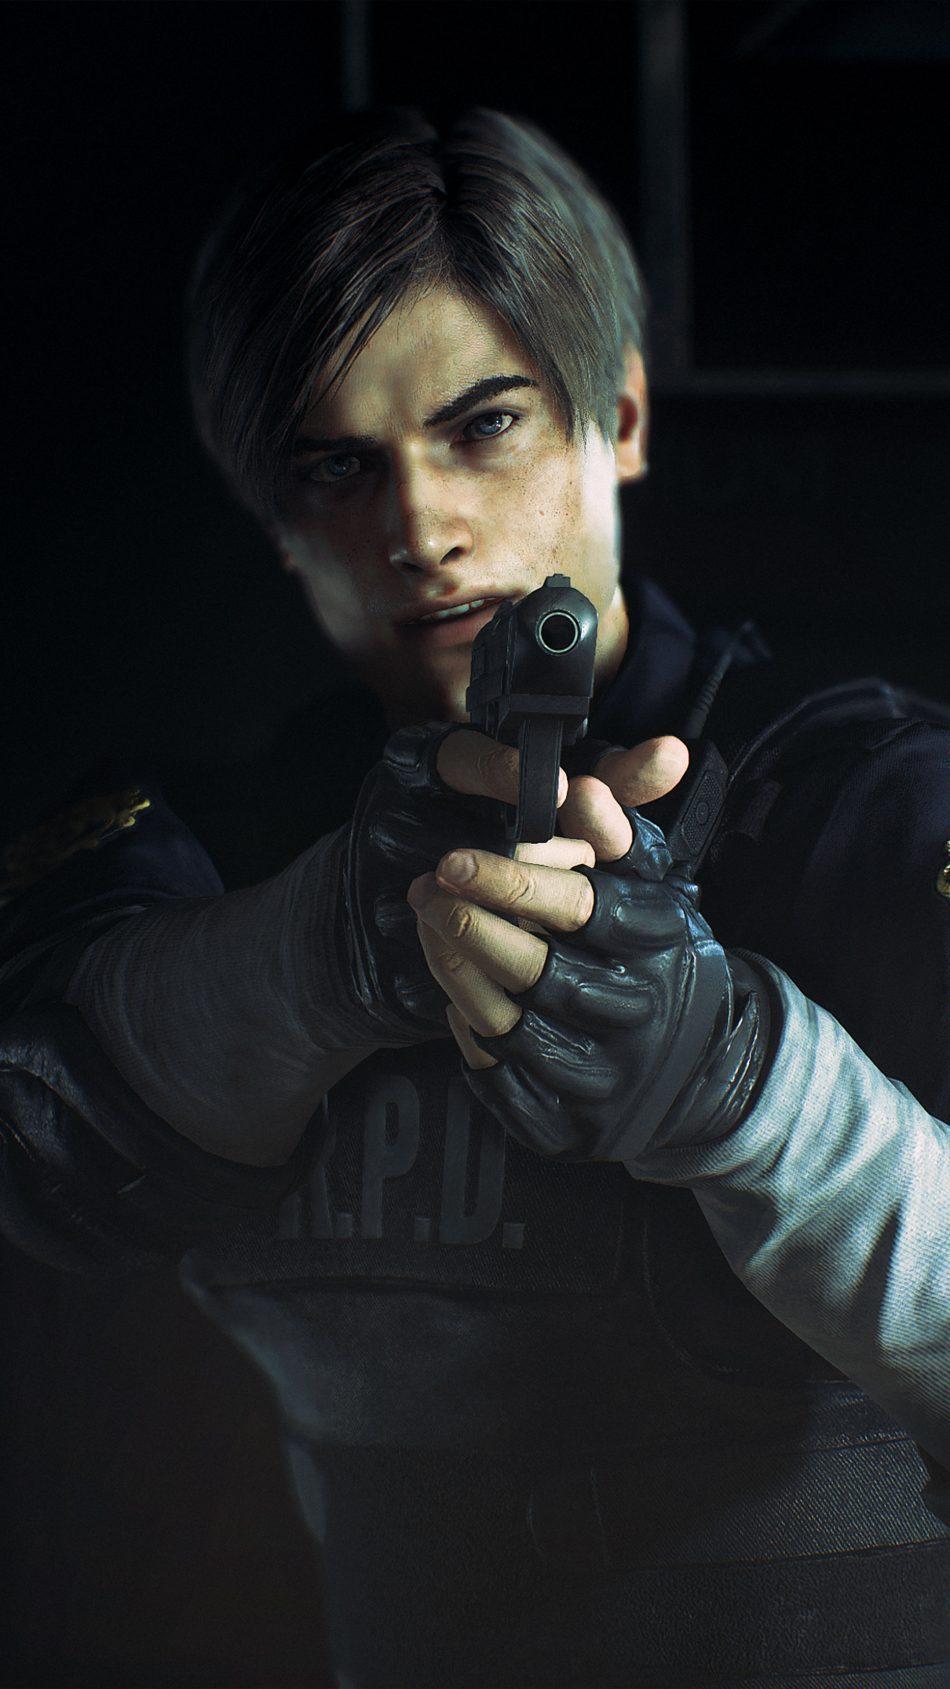 Kennedy Resident Evil 2 4k Ultra Hd Mobile Wallpaper Leon